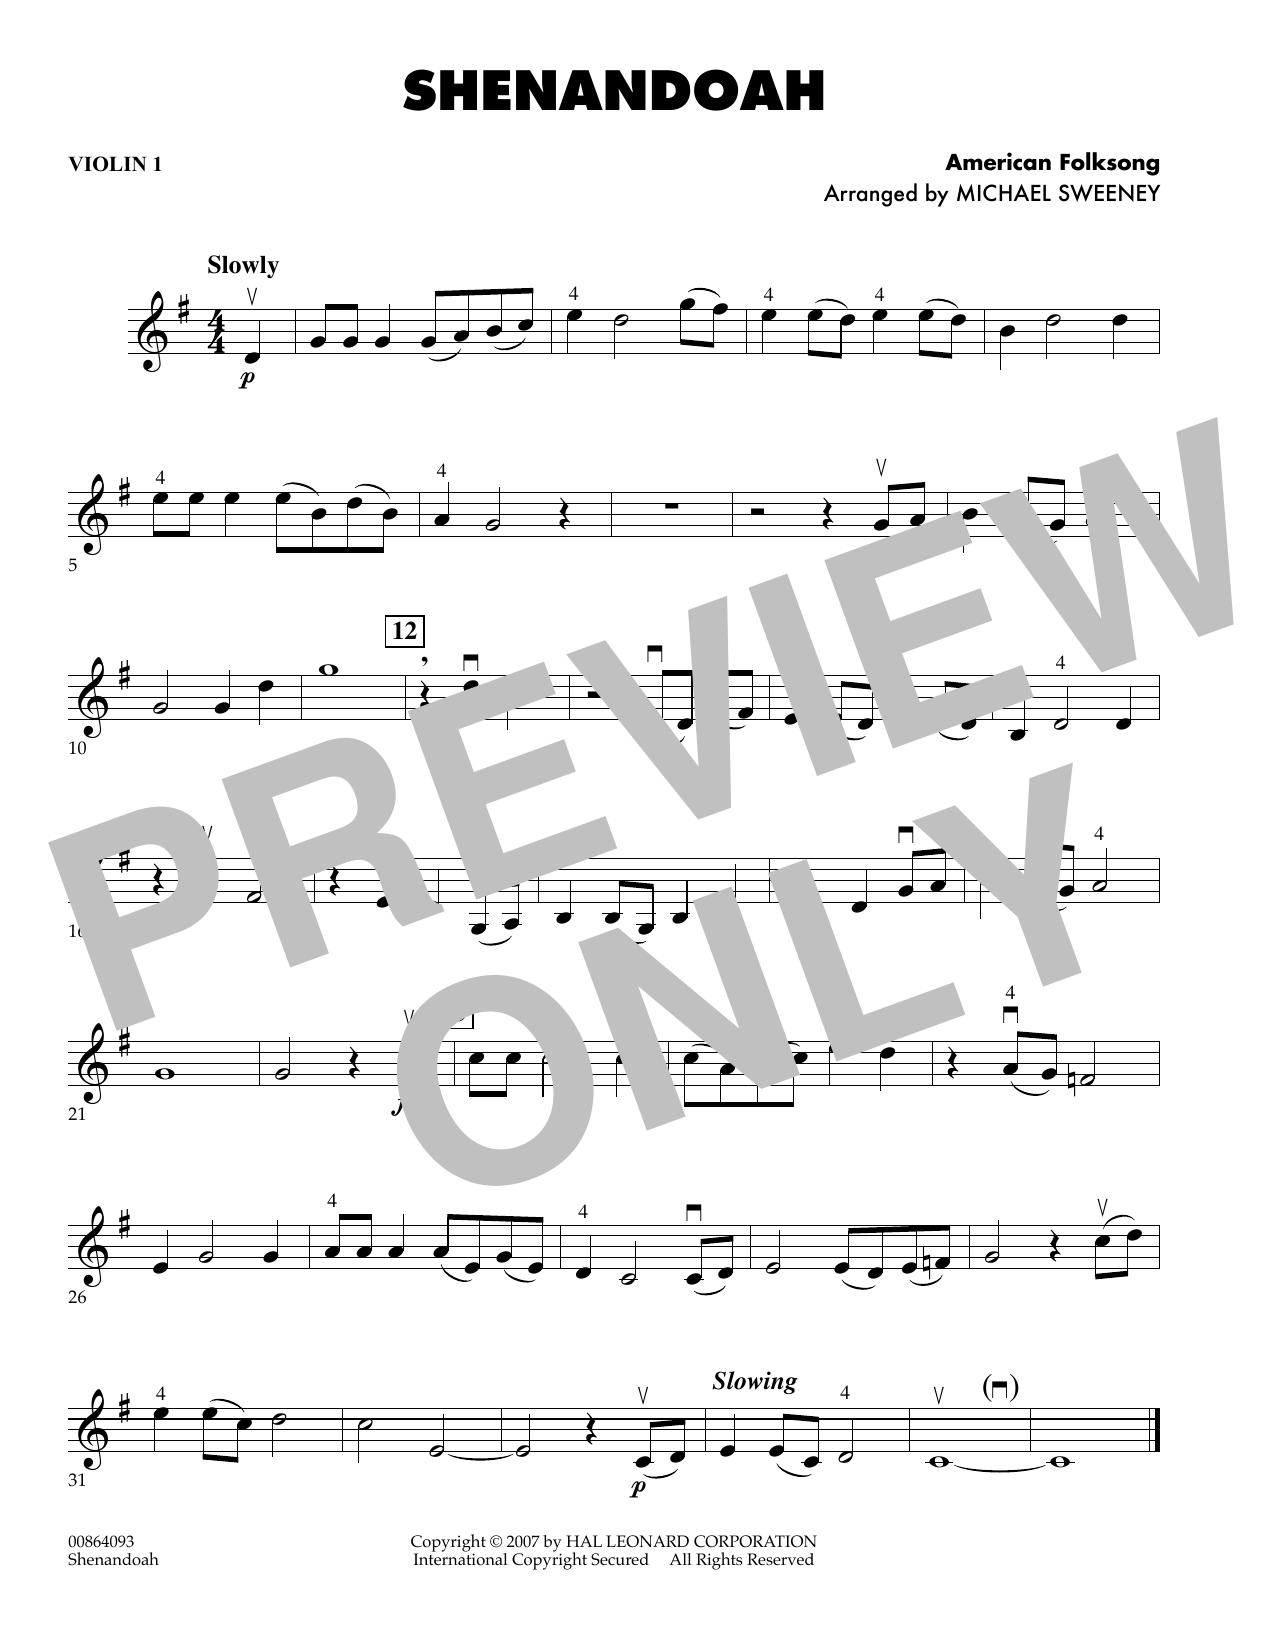 Shenandoah - Violin 1 (Orchestra)